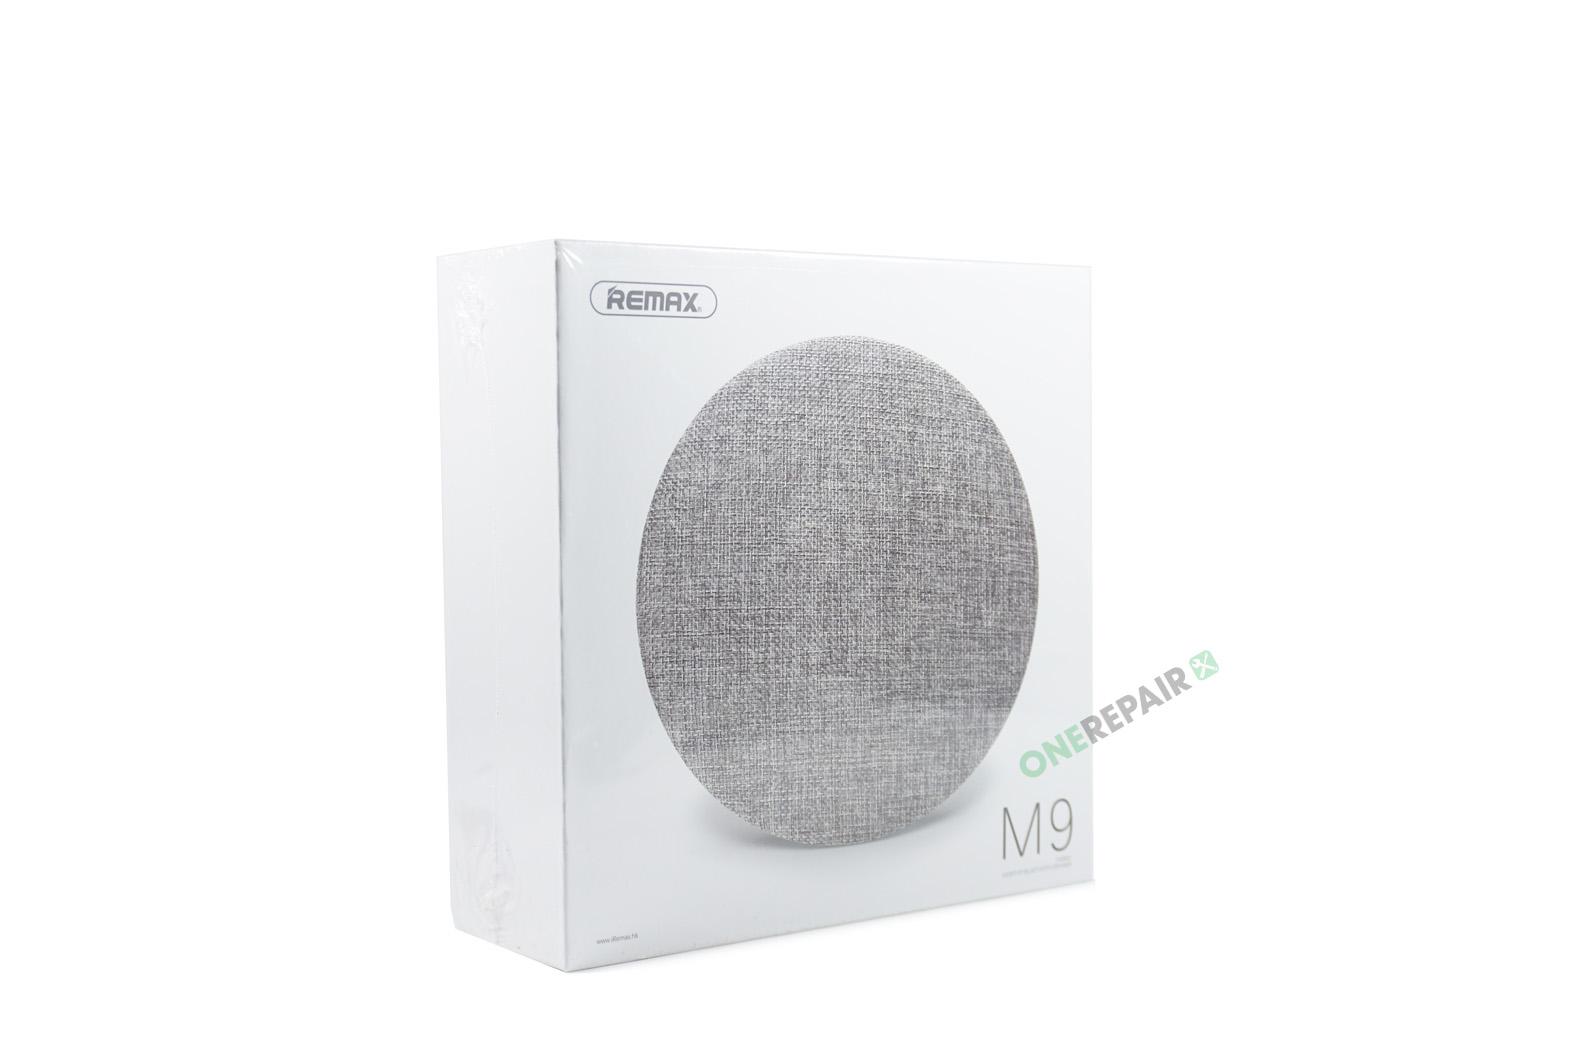 351746_Remax_M9_Hoejtaler_Bluetooth_Traadloes_Hvid_Onerepair_WM_00001